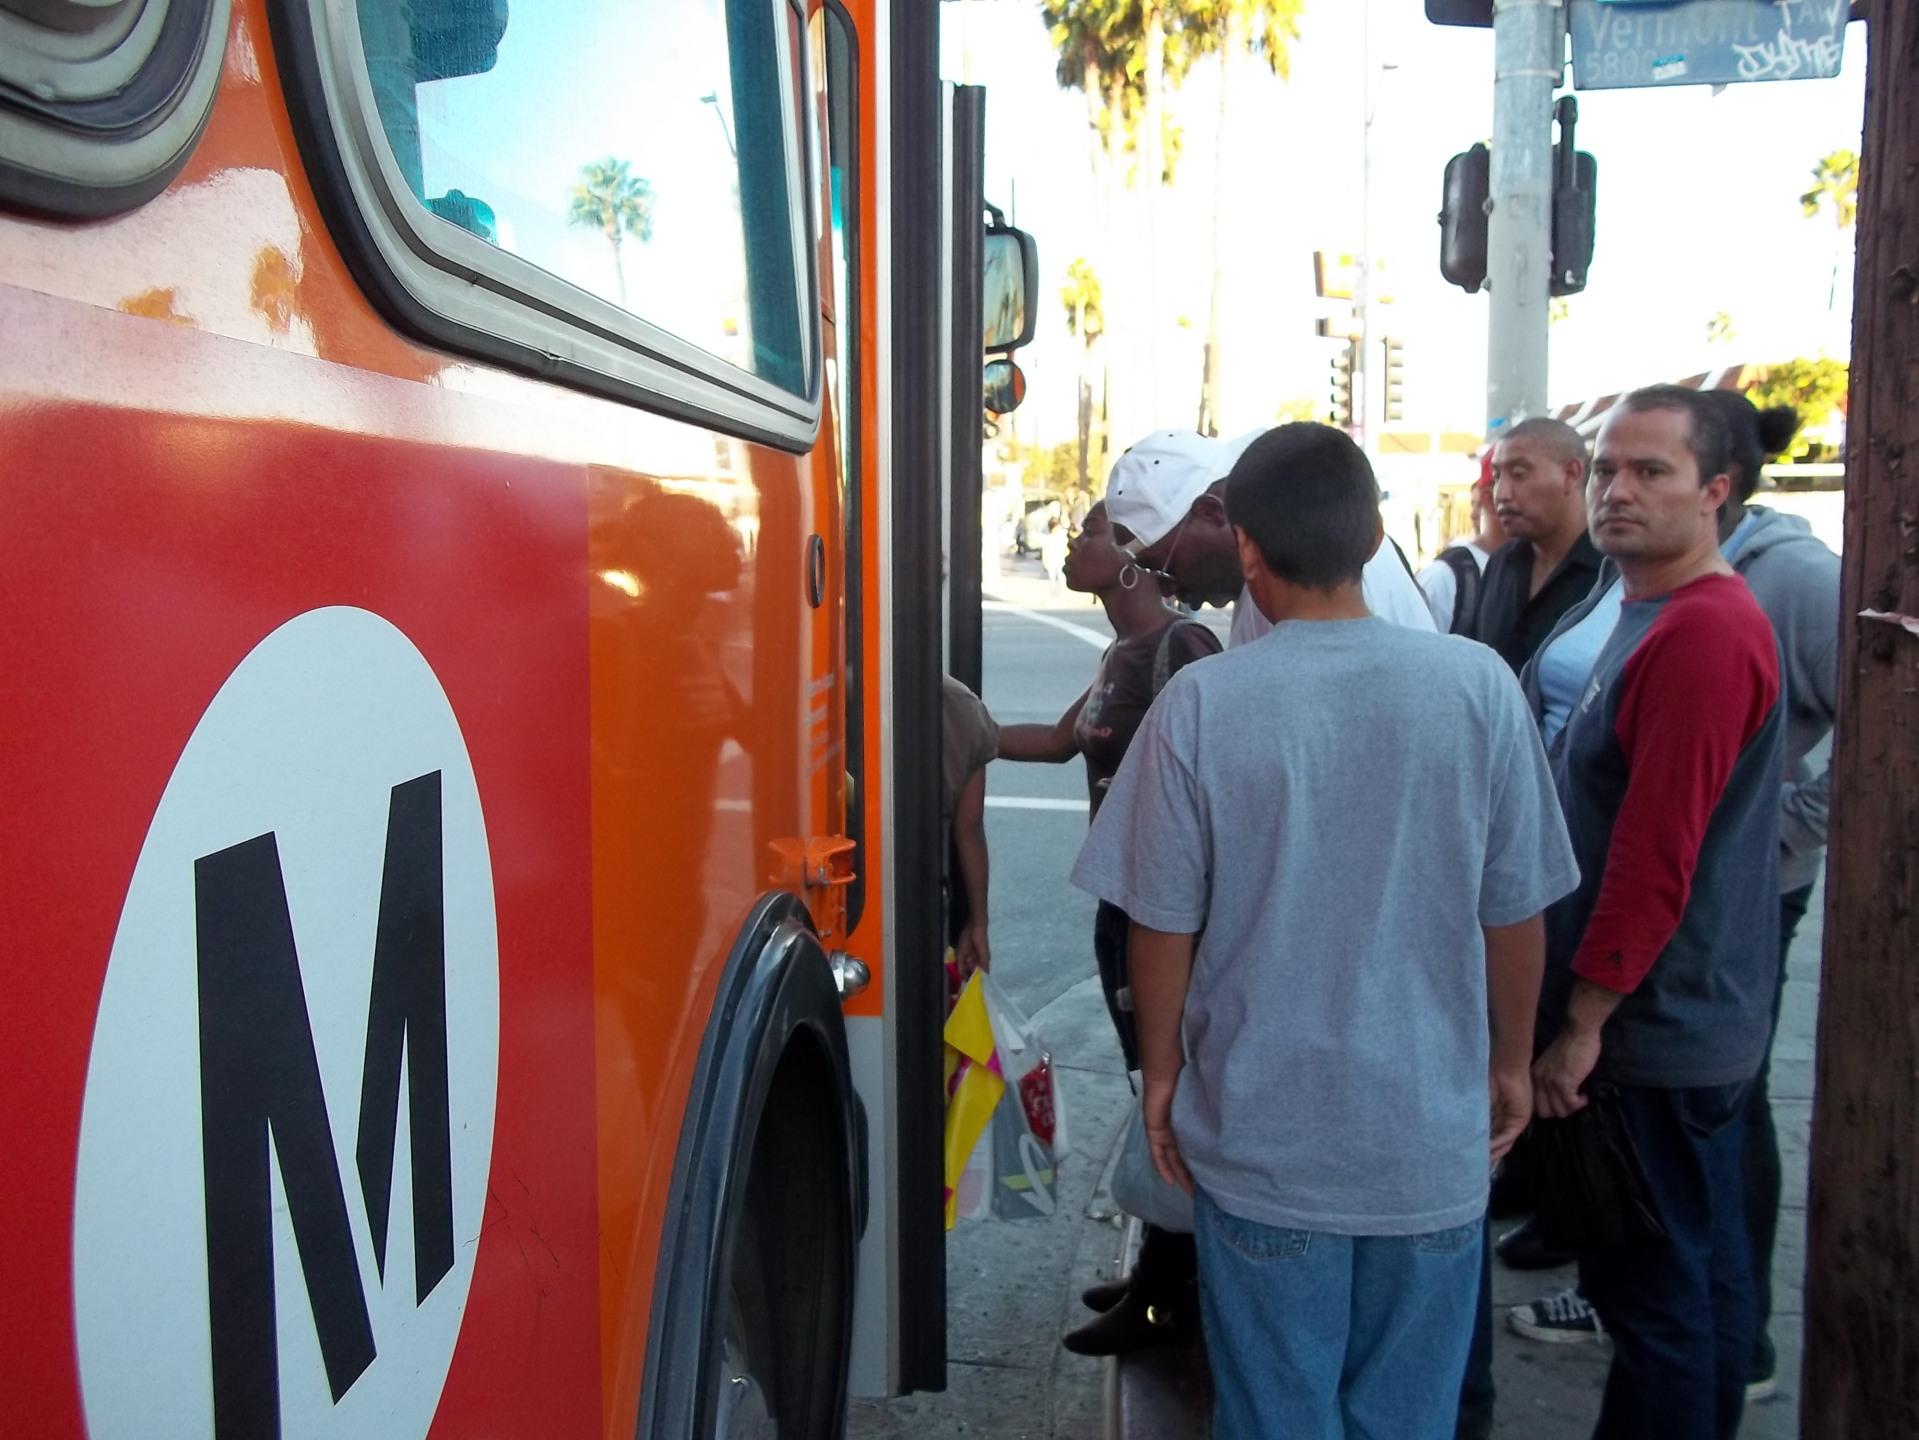 Usuarios de los autobuses y trenes de Metro deberán pagar más a partir del 1 de Septiembre de 2014. Fotografía: La Voz